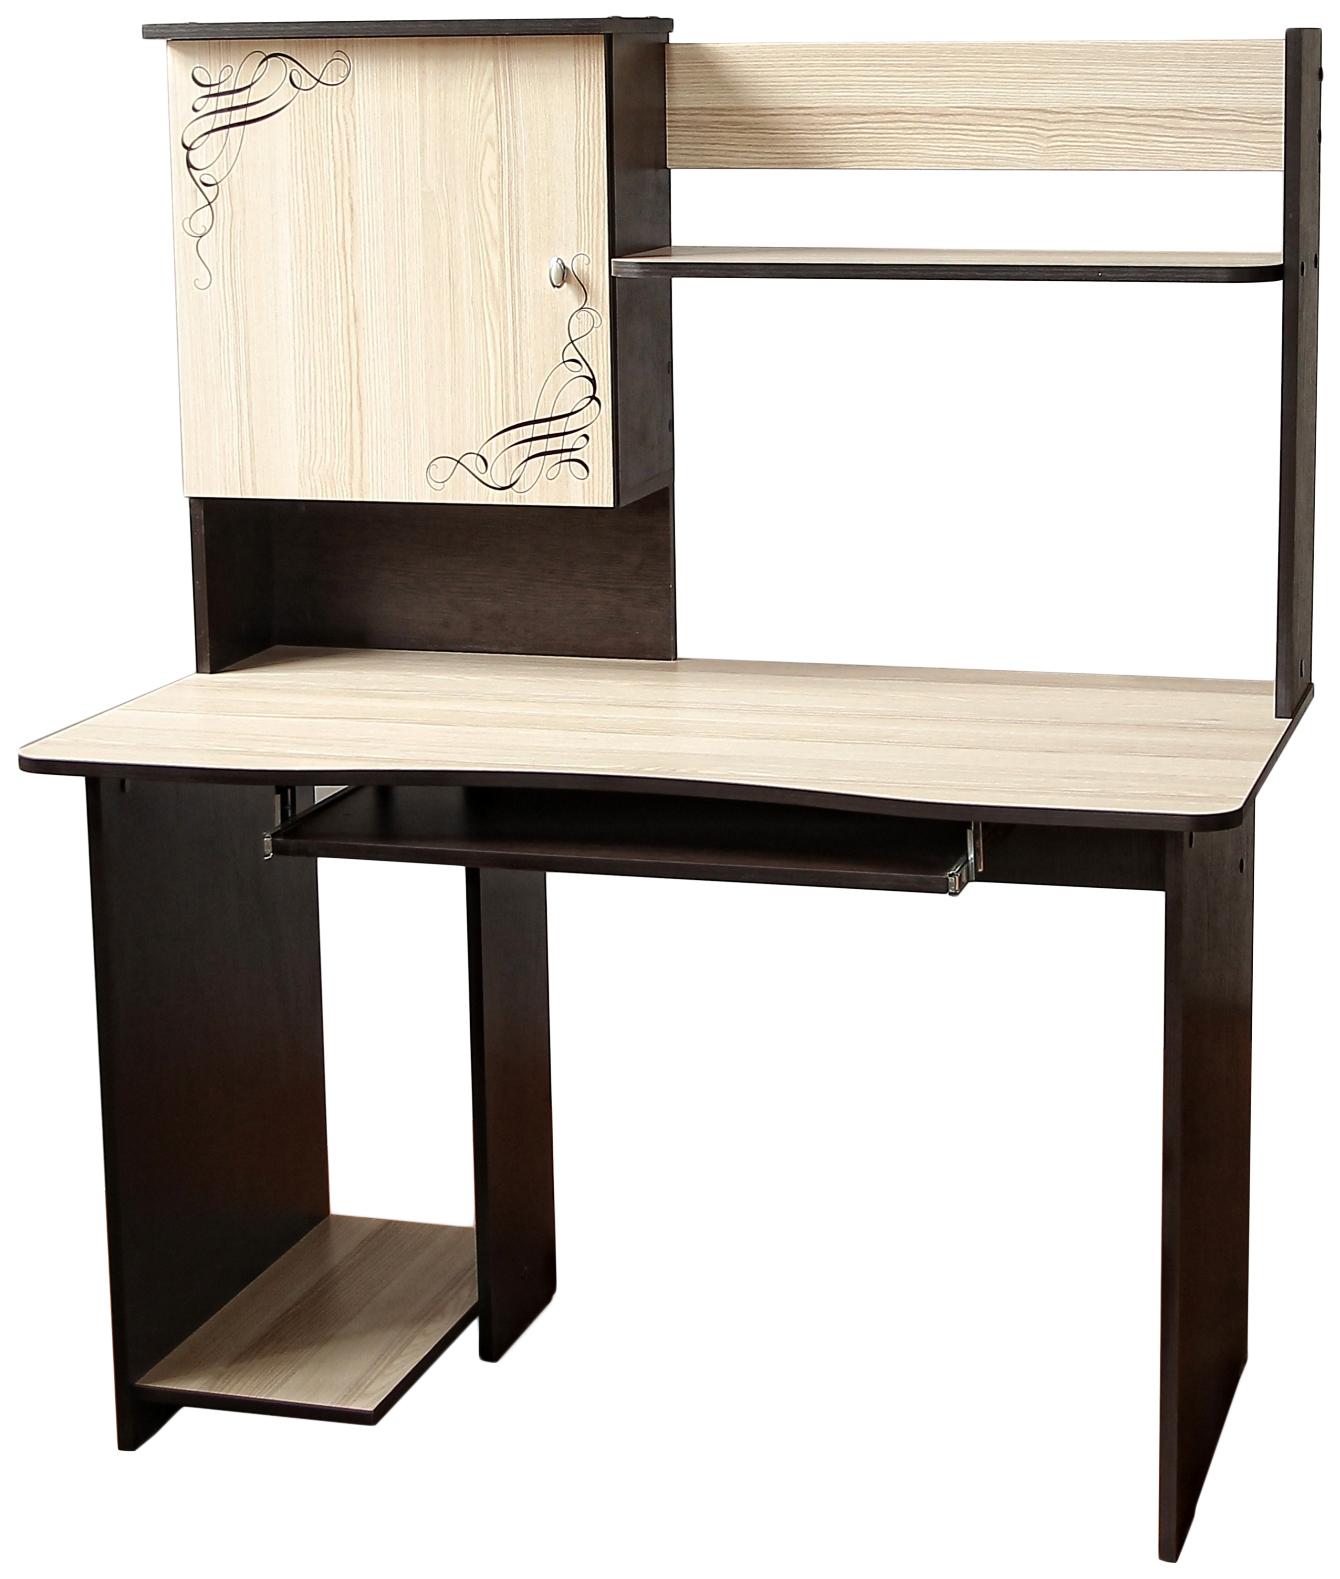 Компьютерный стол Бител СК-6 BTL_SK-6 120x63x144, бежевый/коричневый